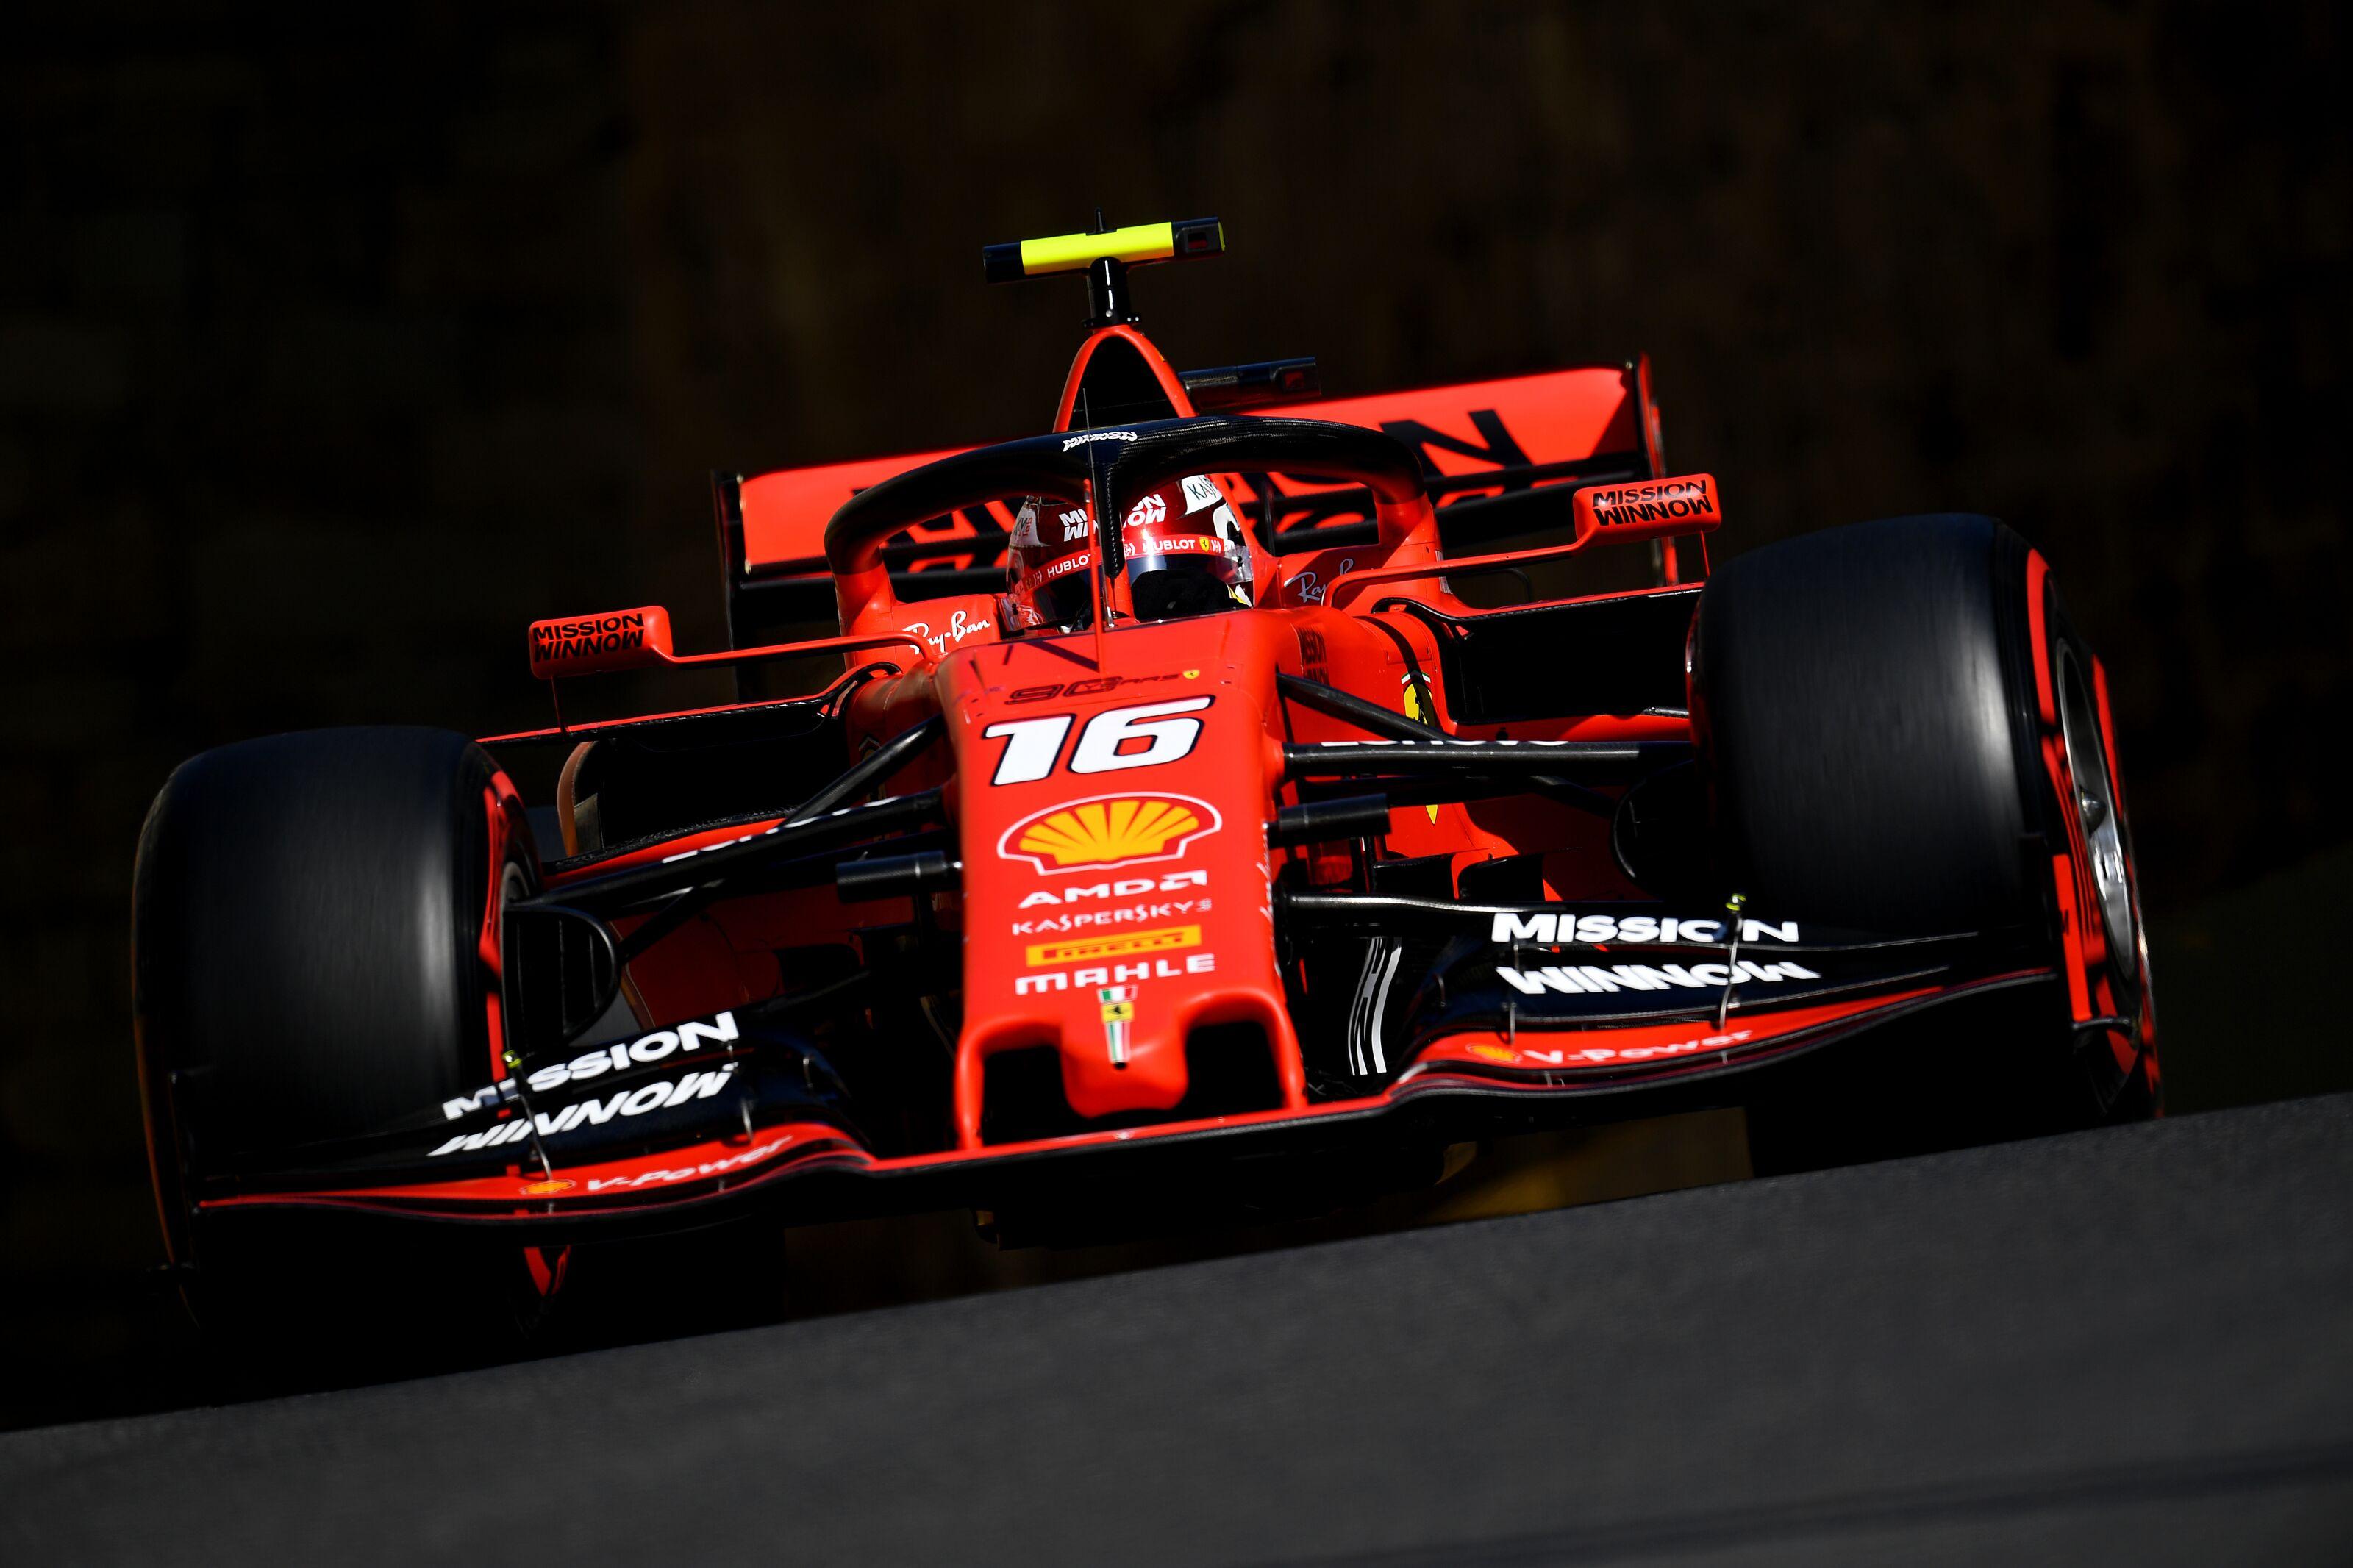 Formula 1: Jacques Villeneuve has no idea what he's talking about